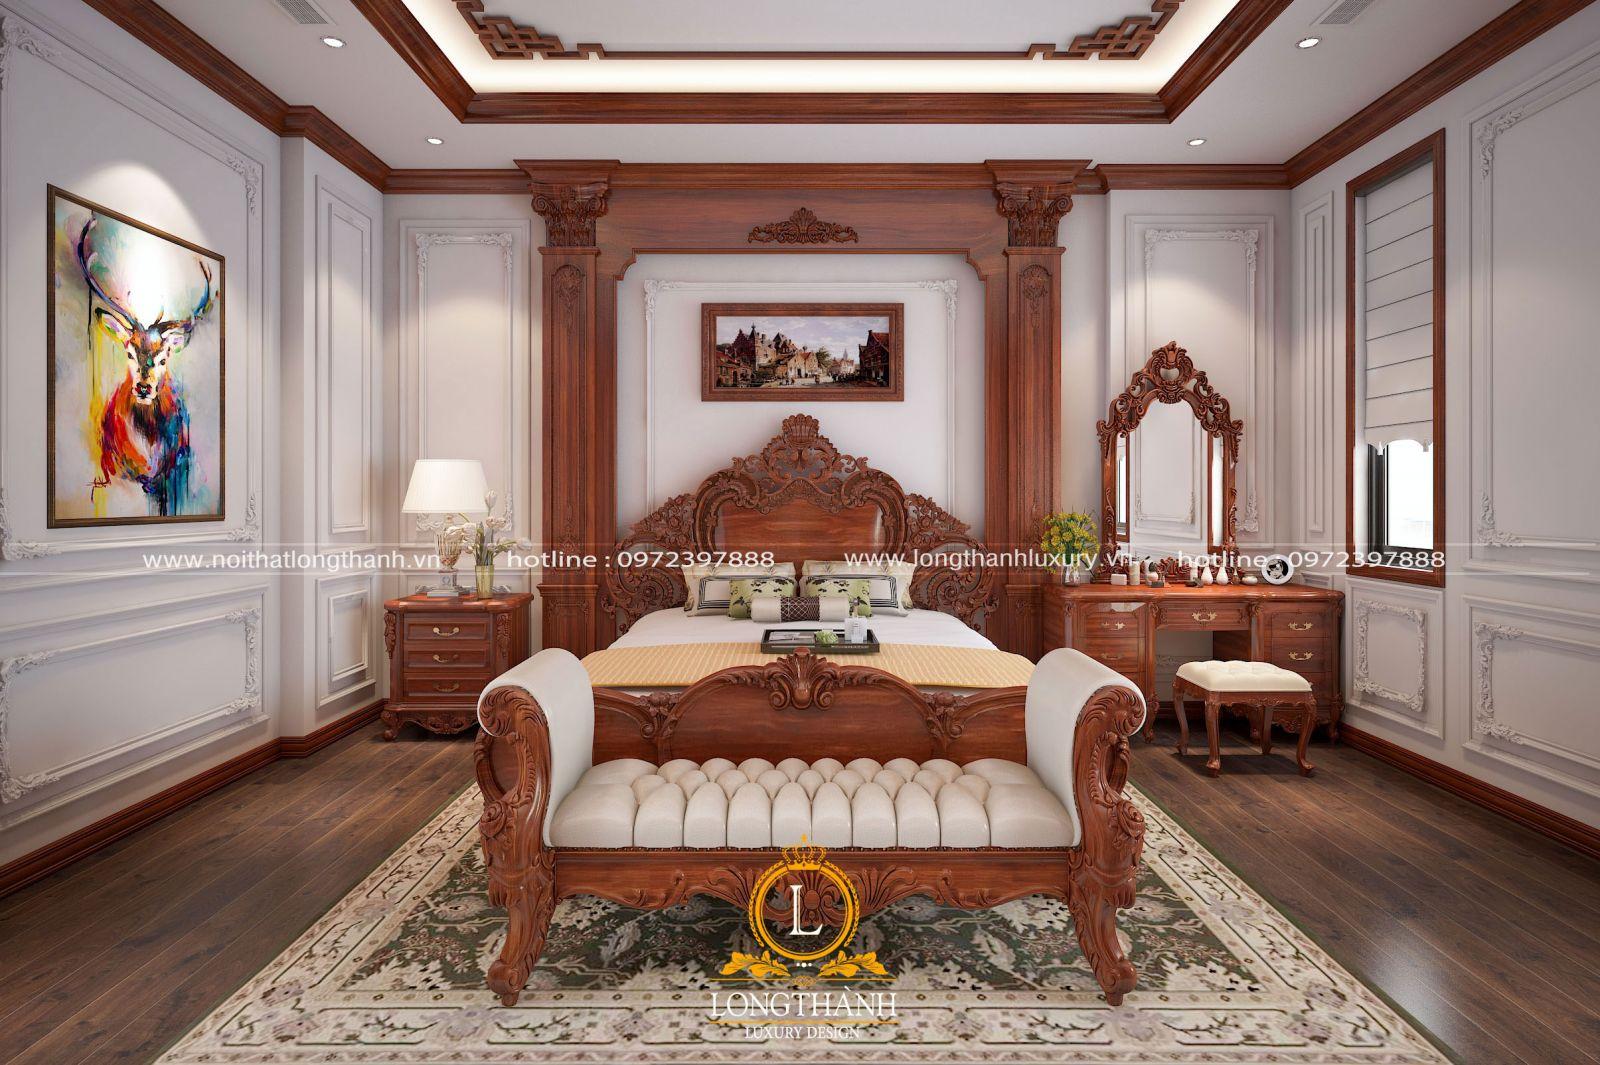 Phòng ngủ phong cách tân cổ điển sang trọng và ấn tượng